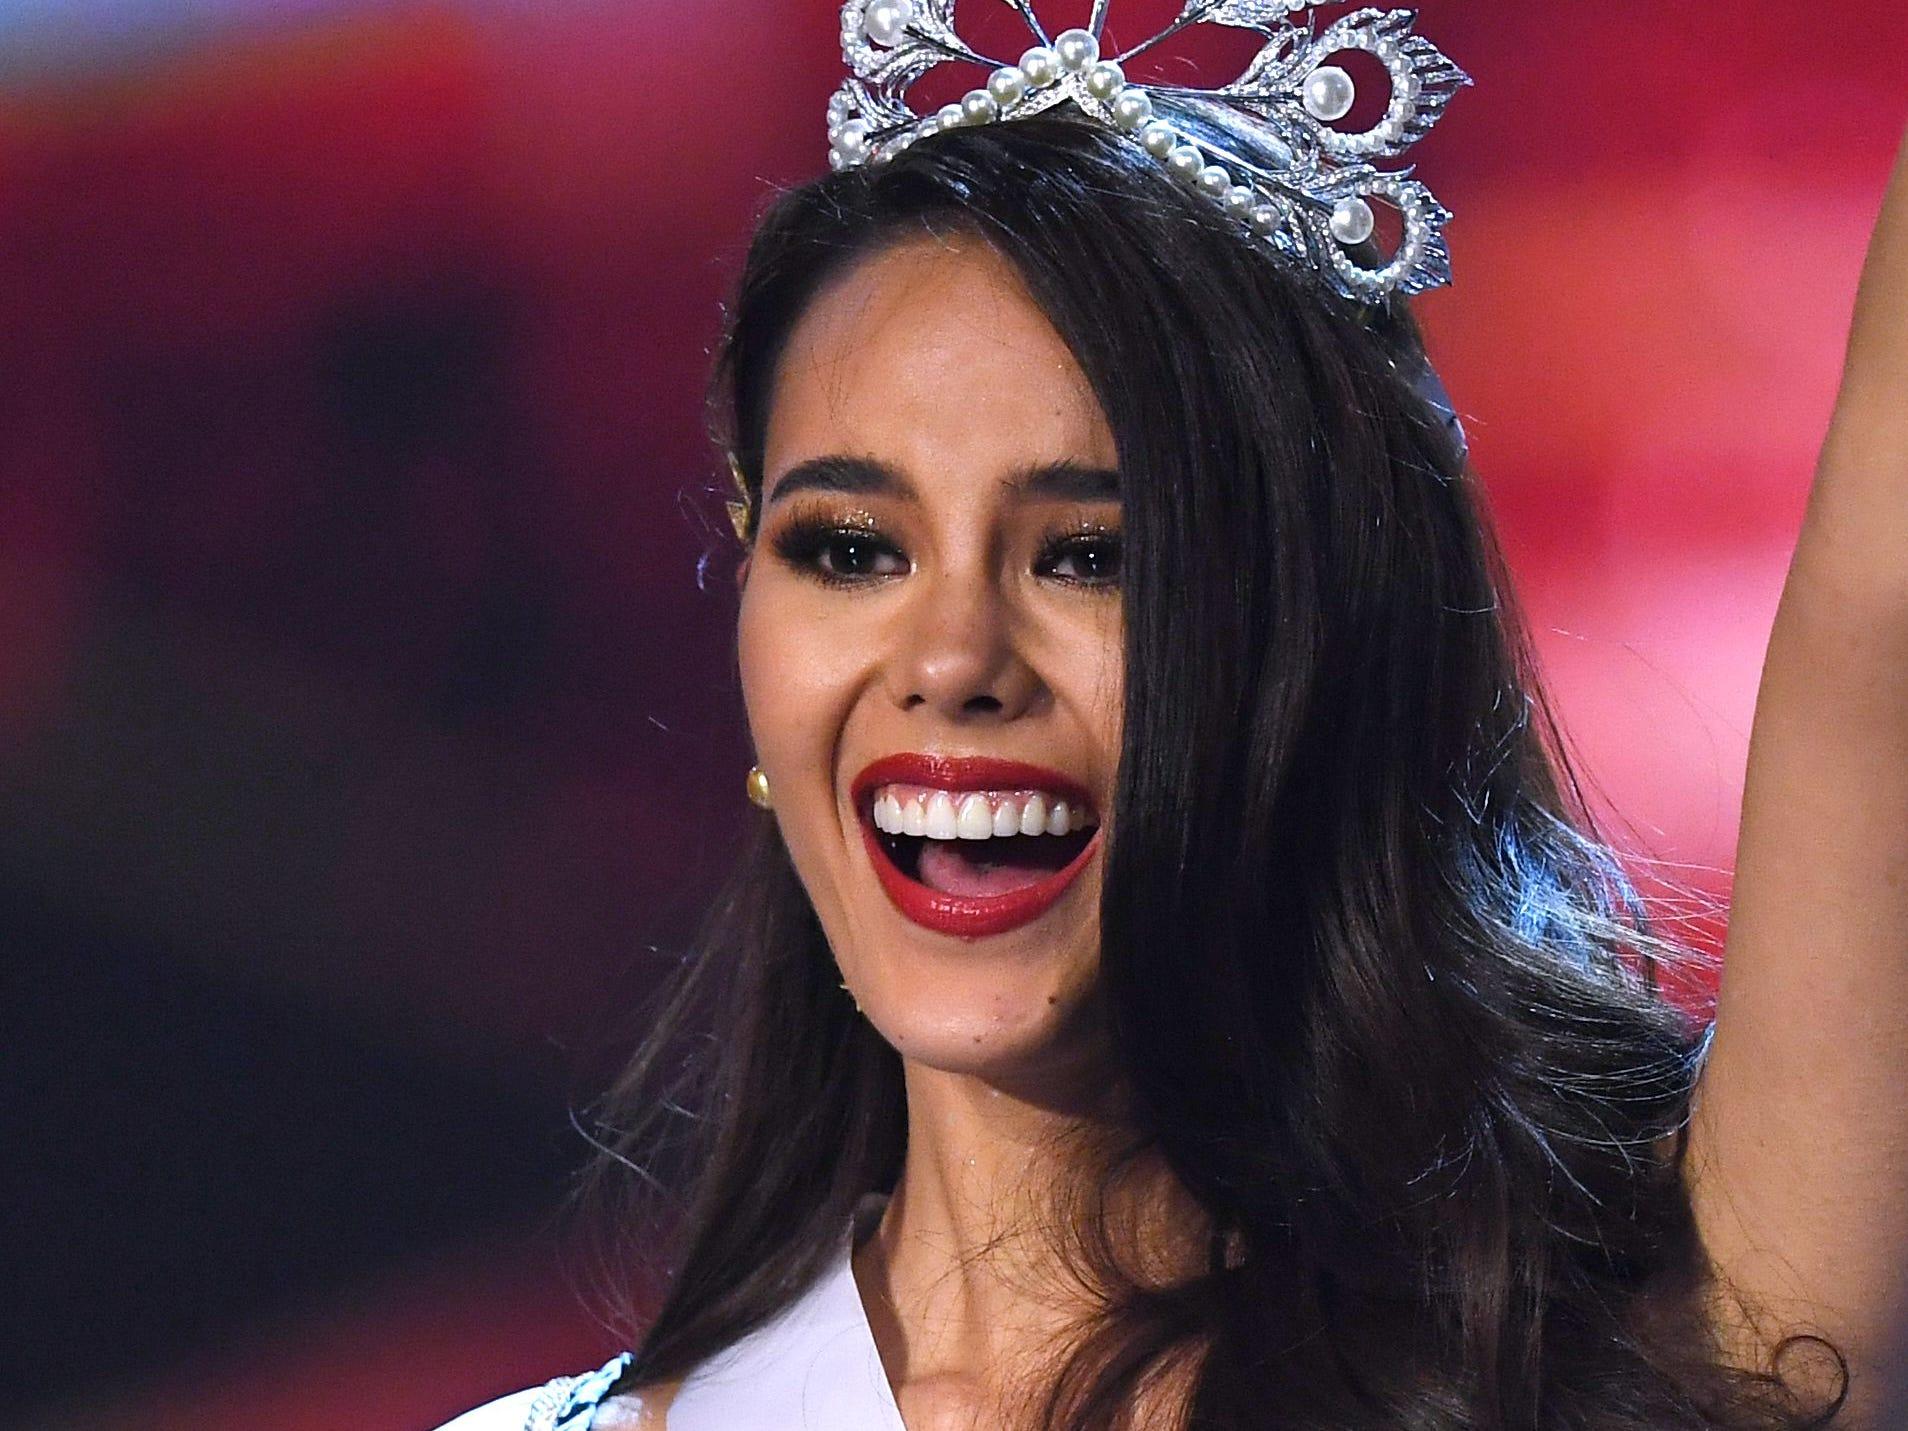 Catriona Grey de Filipinas saluda a la audiencia luego de ser coronada como la nueva Miss Universo 2018 el 17 de diciembre de 2018 en Bangkok.